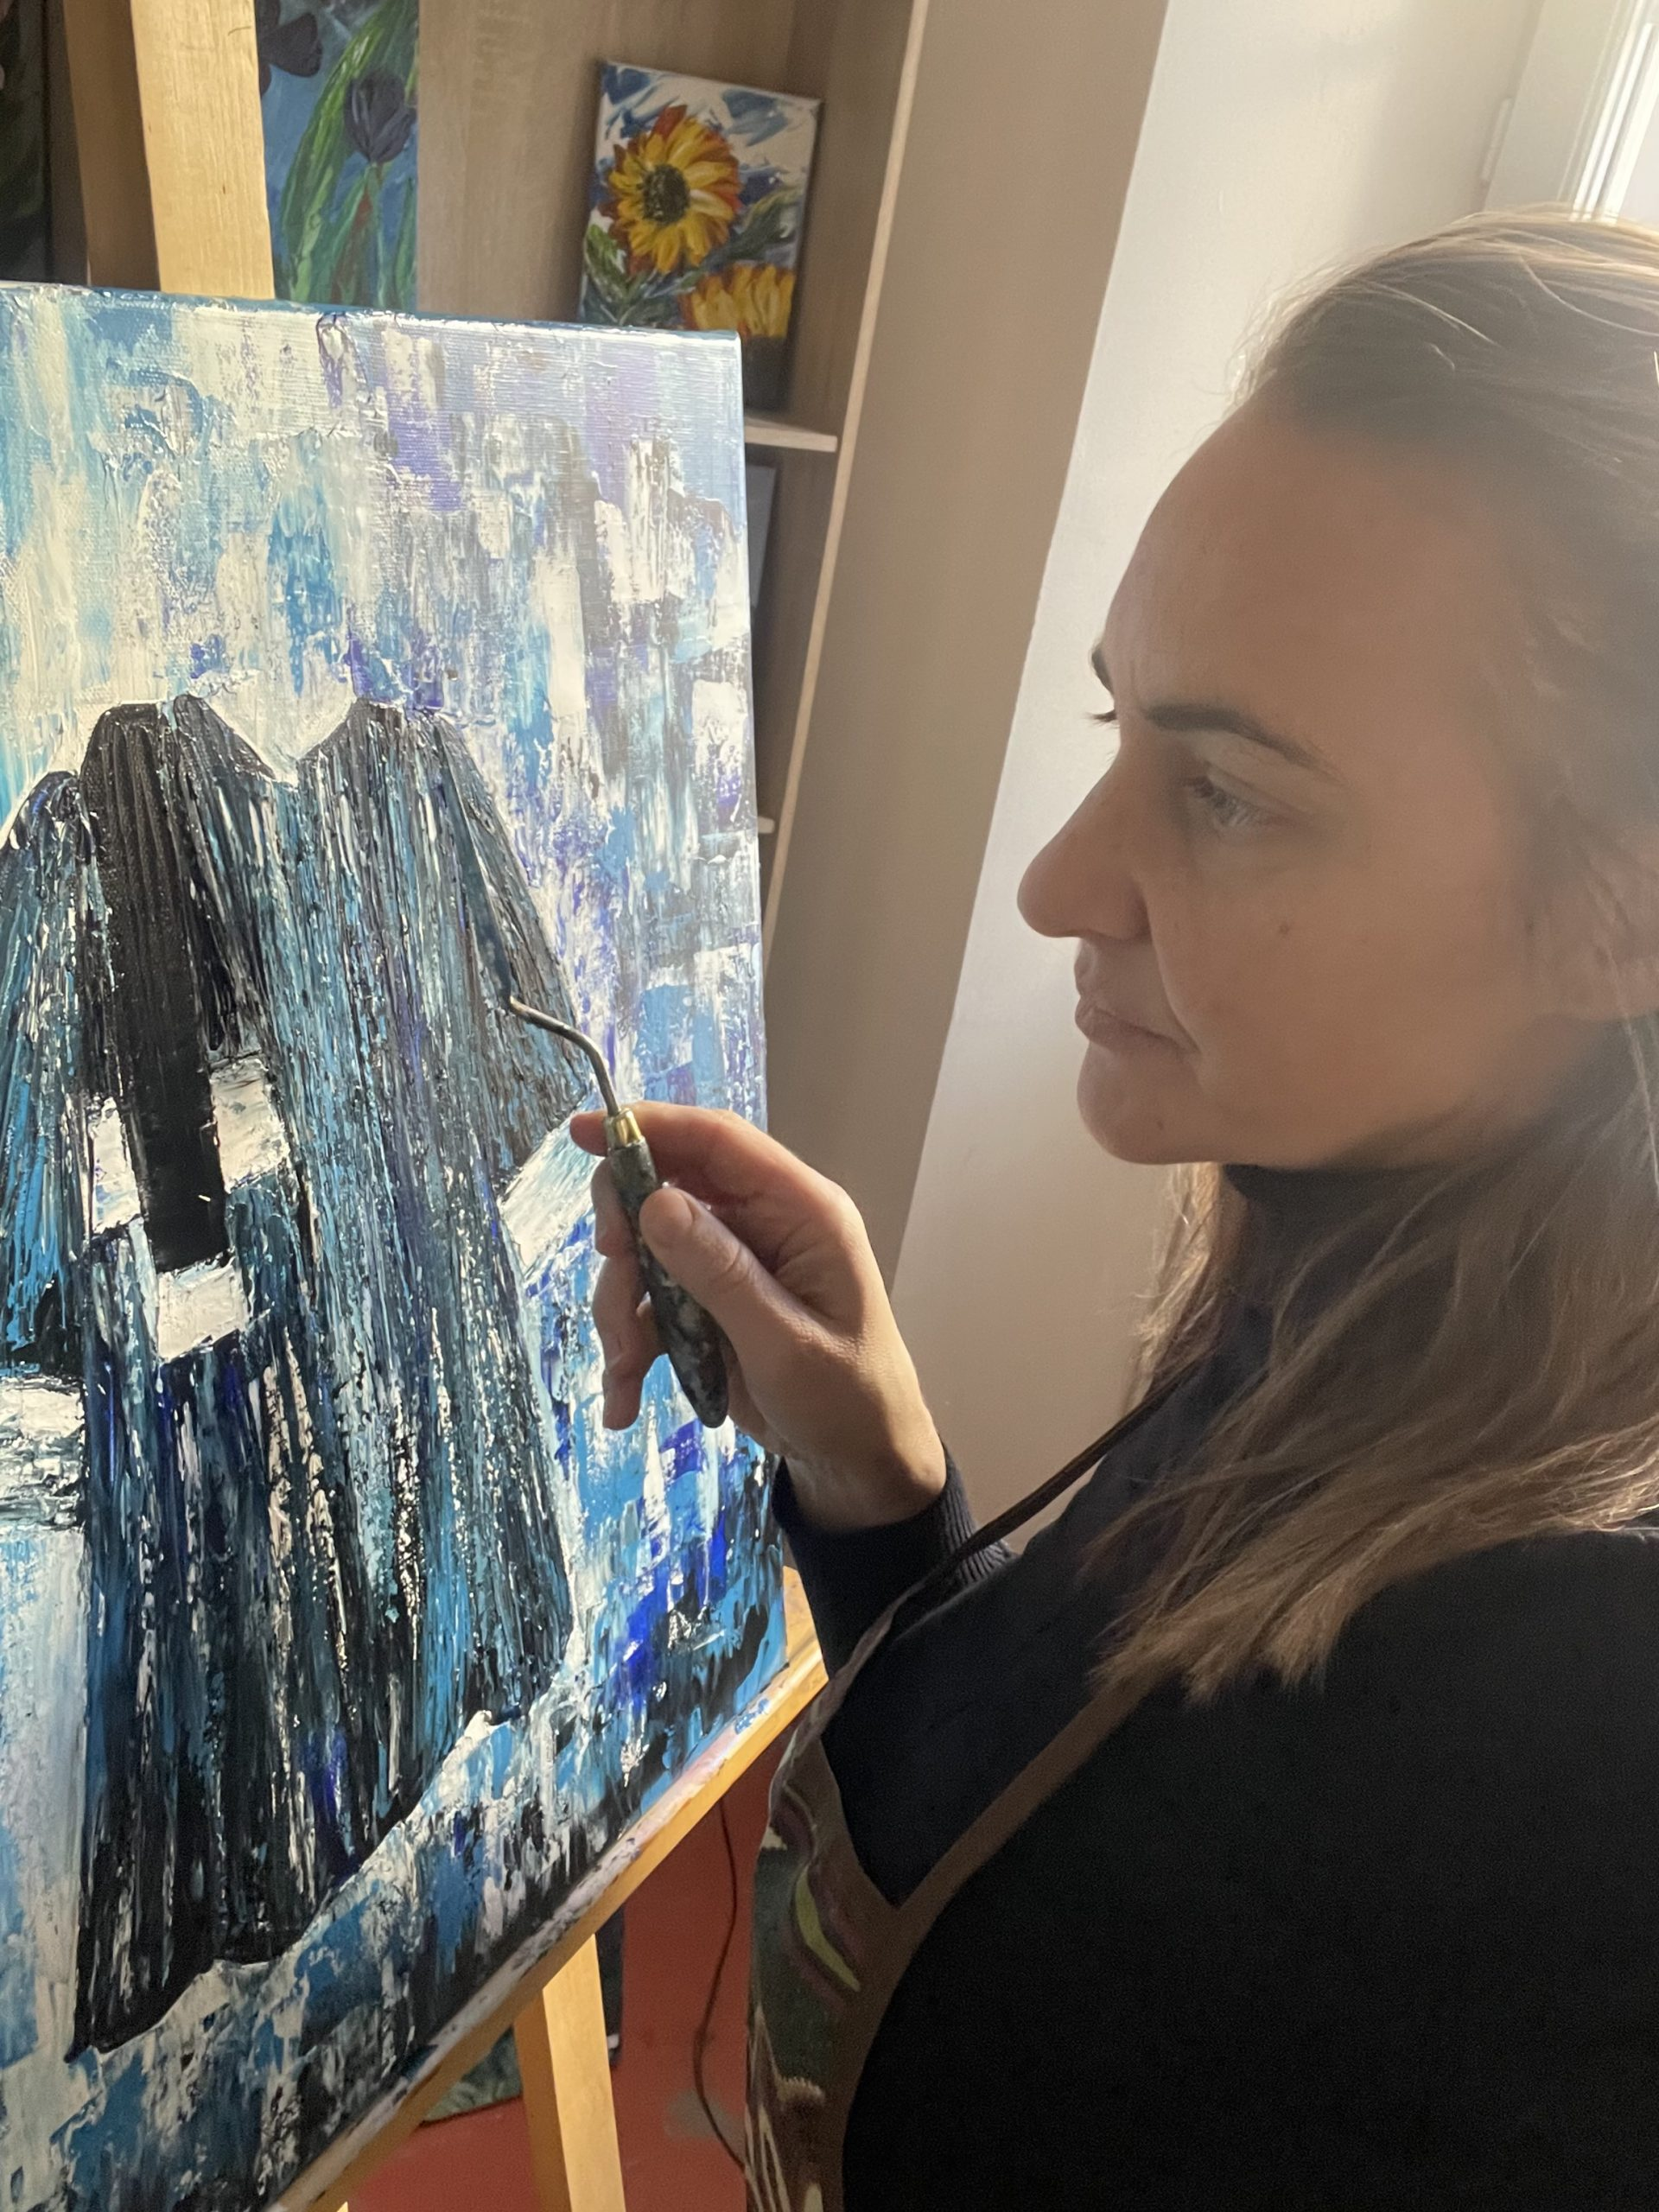 Artiste au travail - dans la page Présentation et Biographie - Inspiré de son vecu, Katarzyna Boduch, artiste entrain de réaliser au couteau un tableau